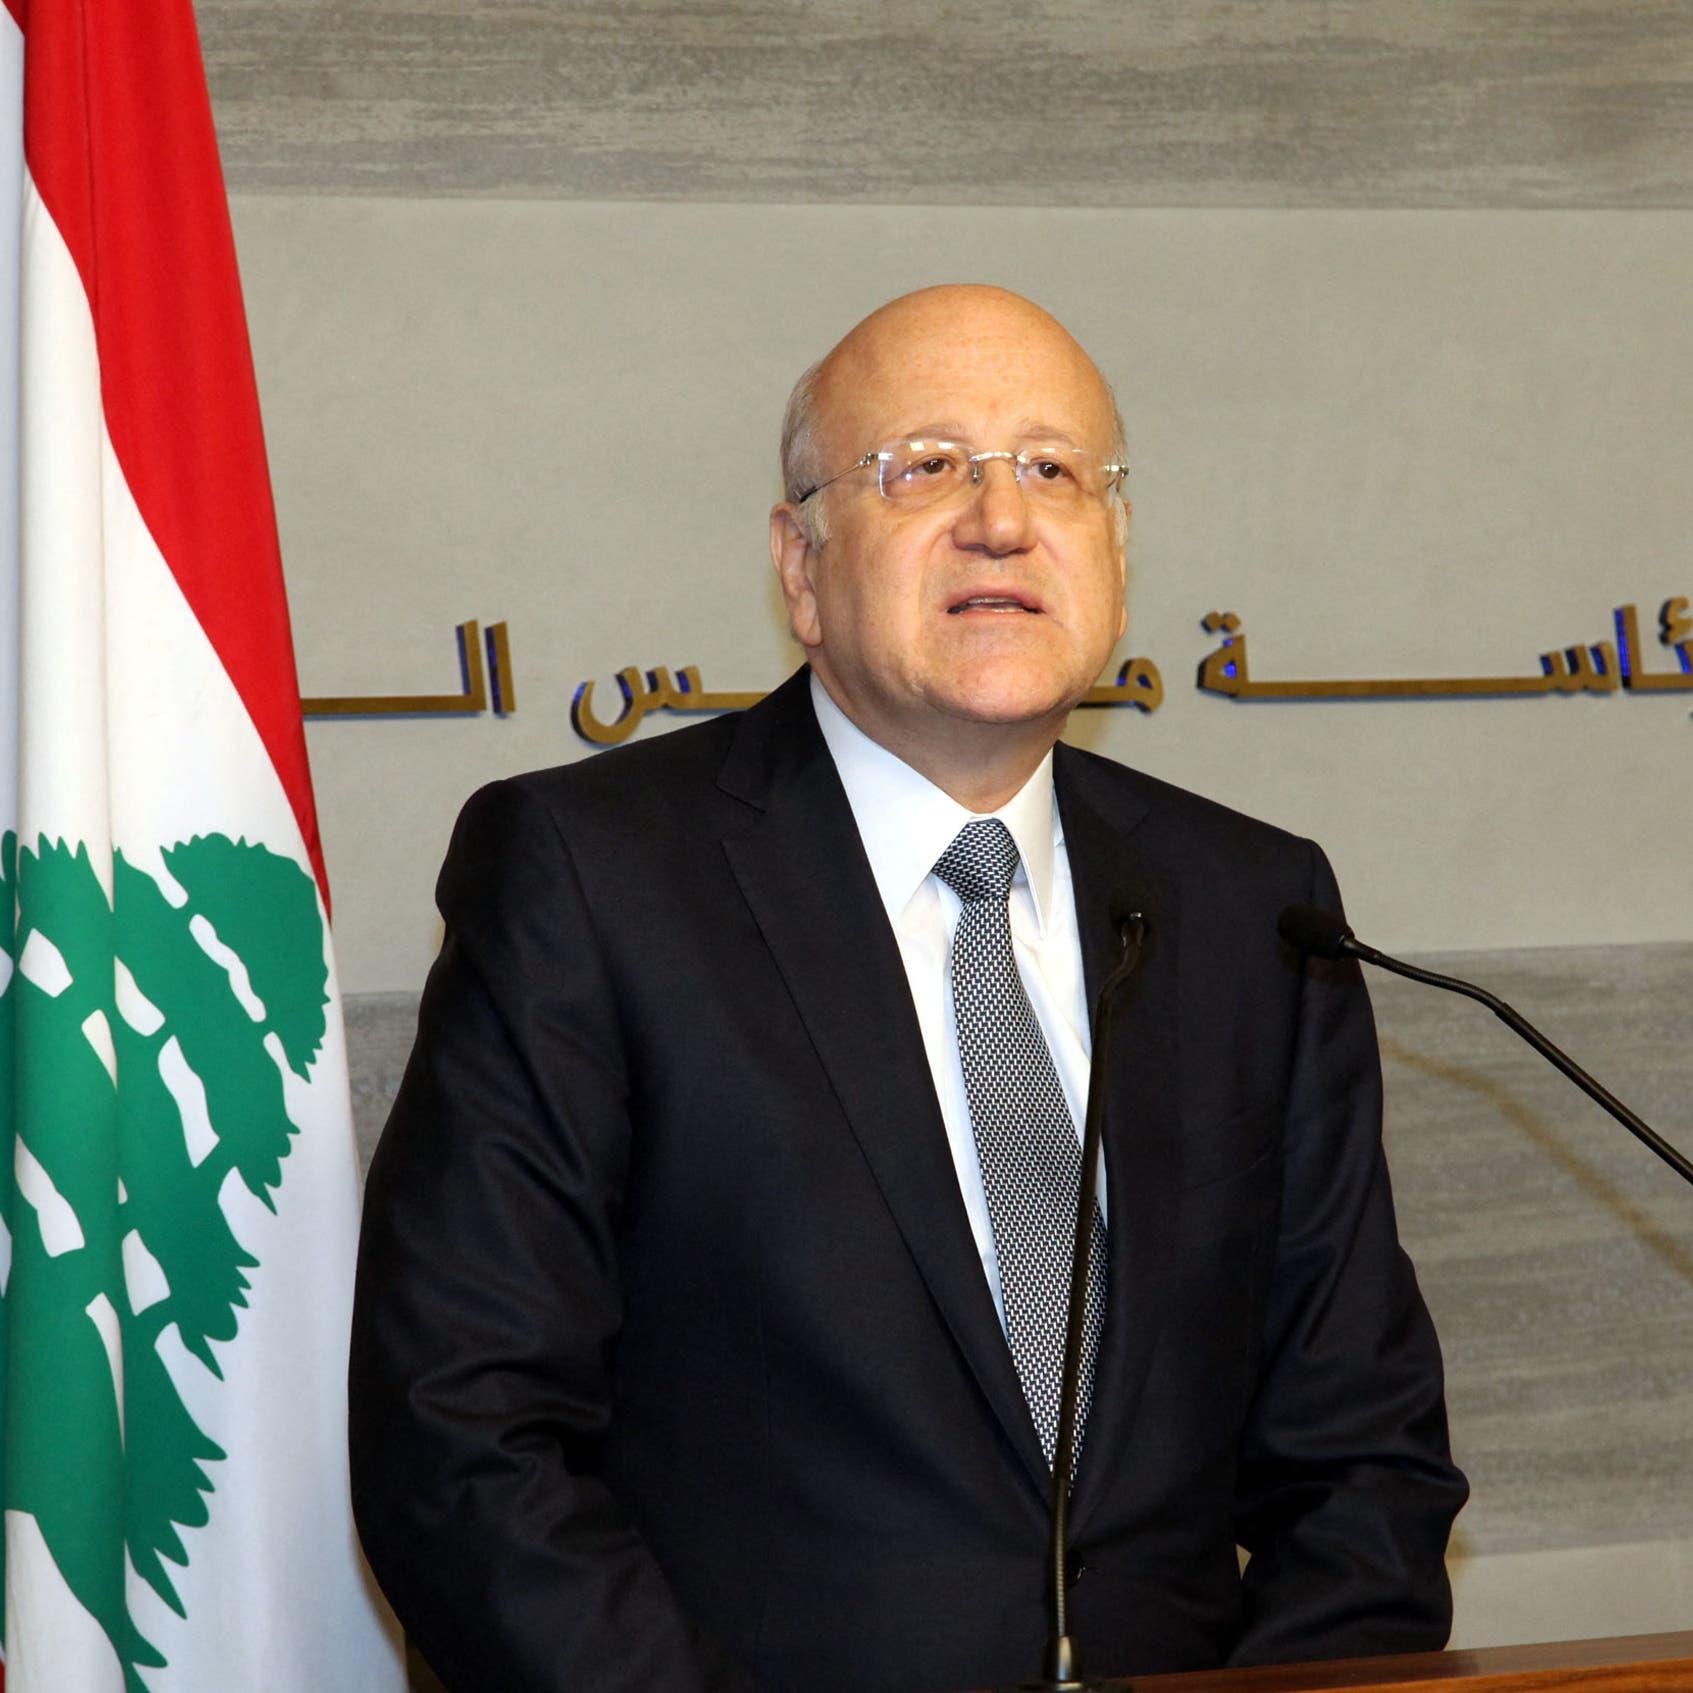 لبنان.. ميقاتي يفوز بأغلبية أصوات النواب لتشكيل حكومة